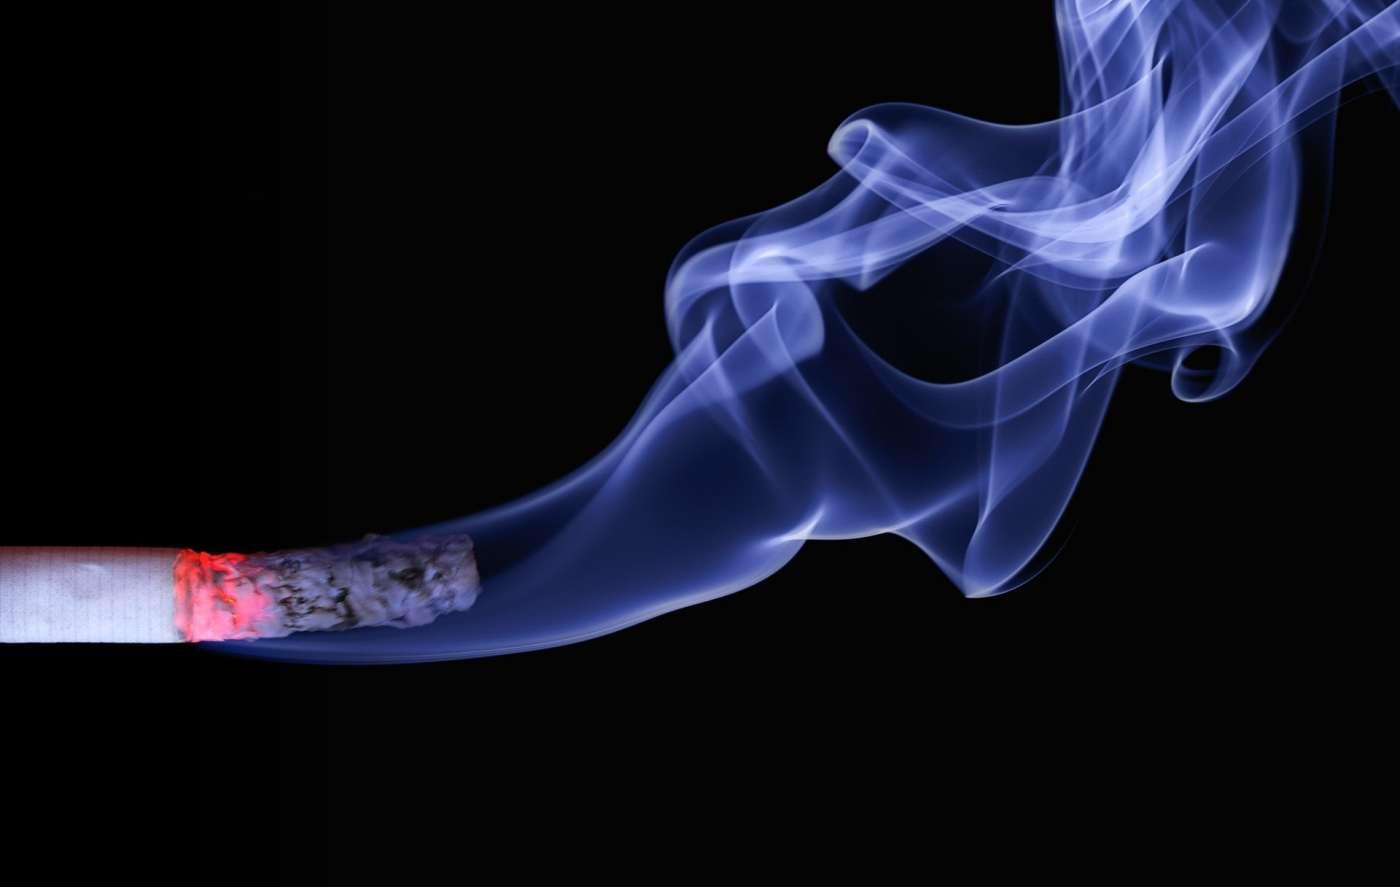 ¿Sabías que fumar puede provocar sordera?